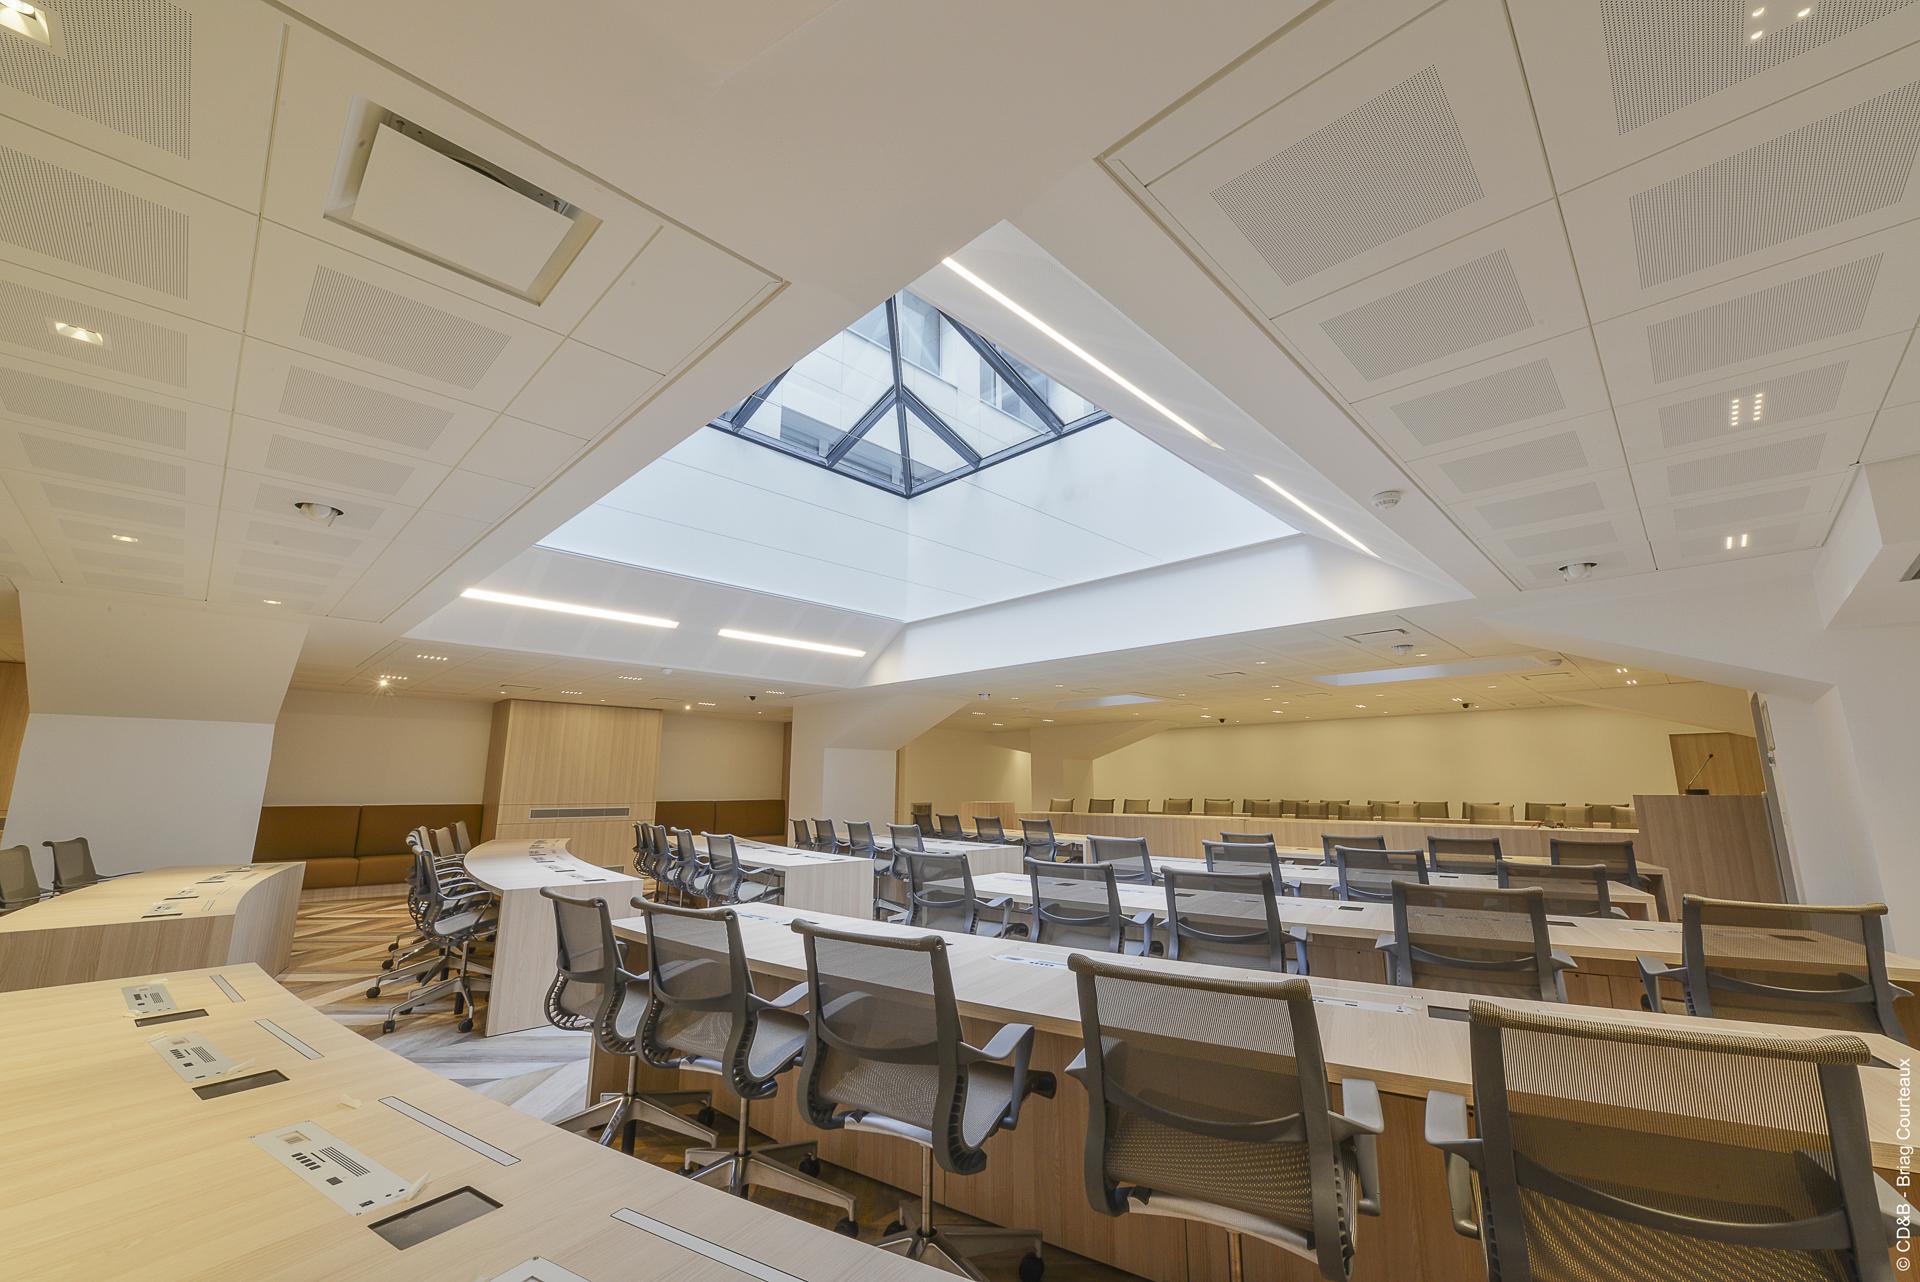 Conseil, aménagement, conception et réalisation des espaces de bureaux du Conseil National de l'Ordre des Médecins (CNOM) par CDB, Meet you there.